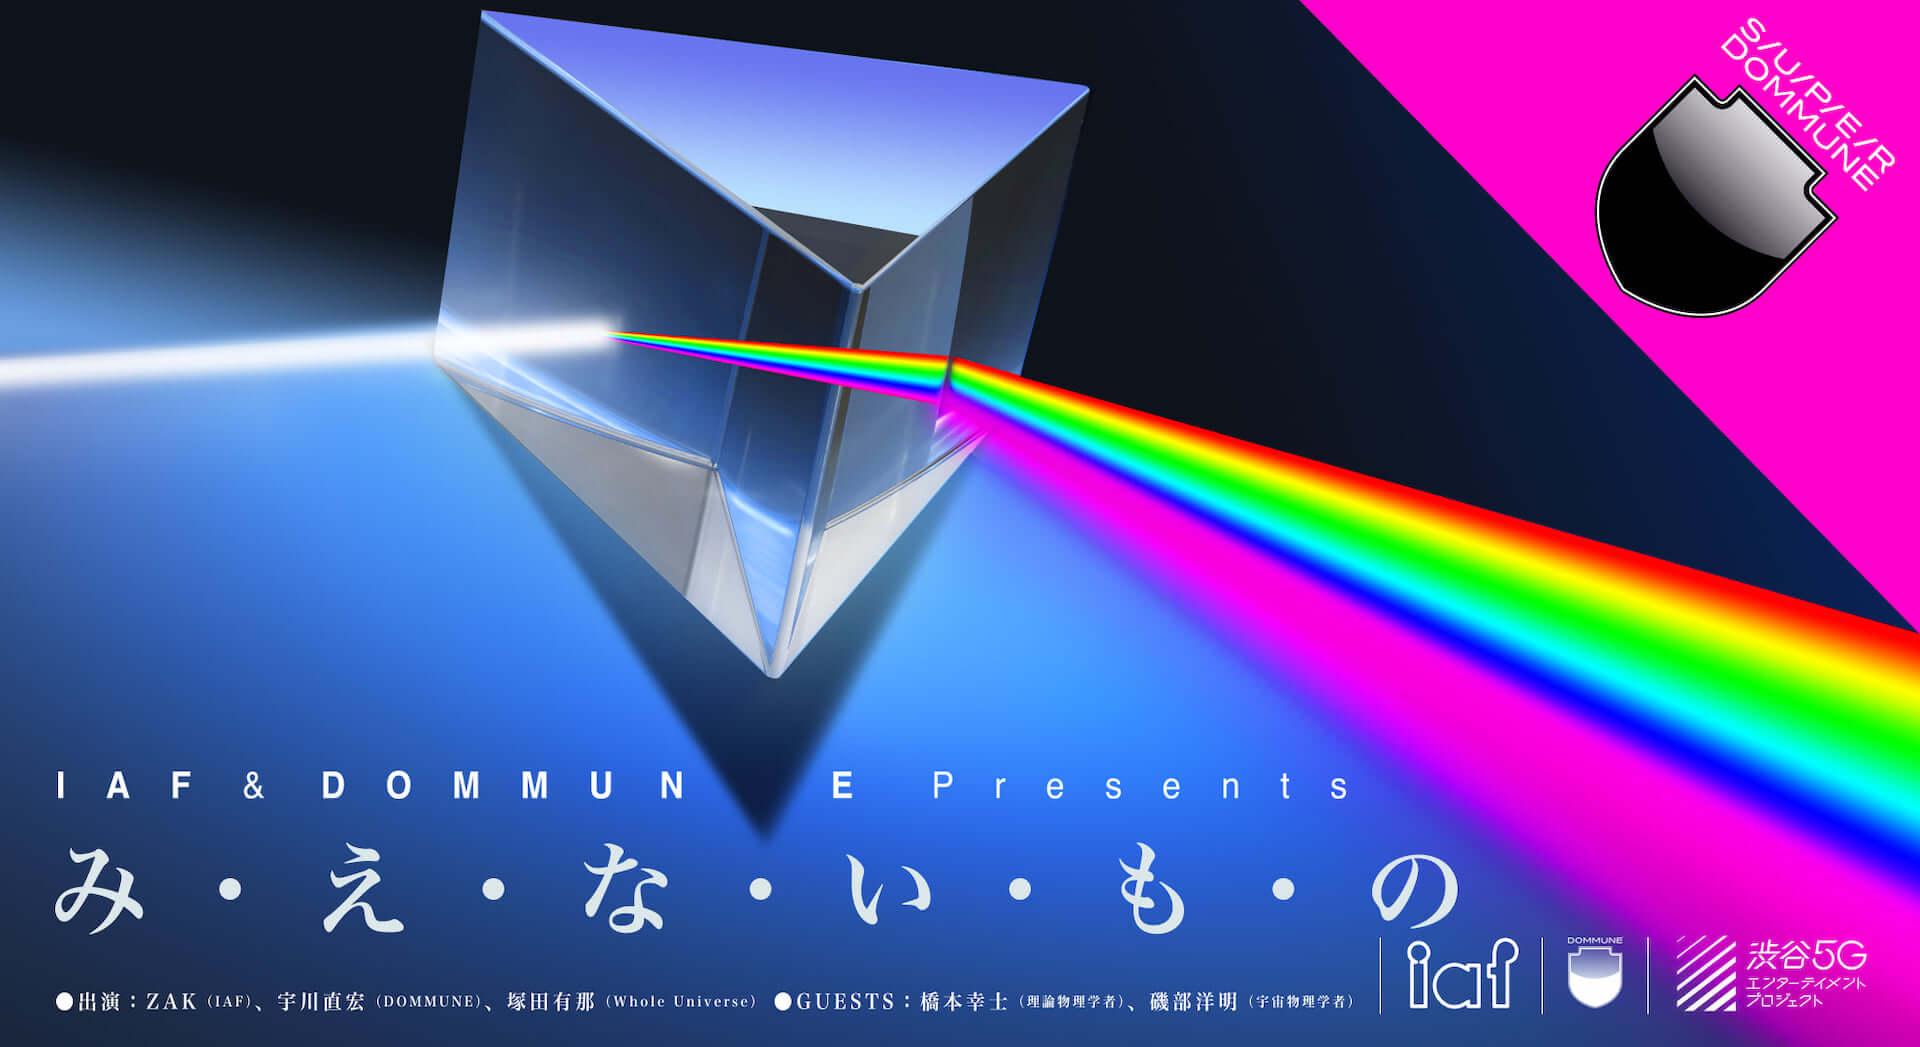 フィッシュマンズがSUPER DOMMUNEで最先端ARライブを披露!物理学者2名参加のトークセッションも同日配信 music200610_dommune_fishmans_2-1920x1047